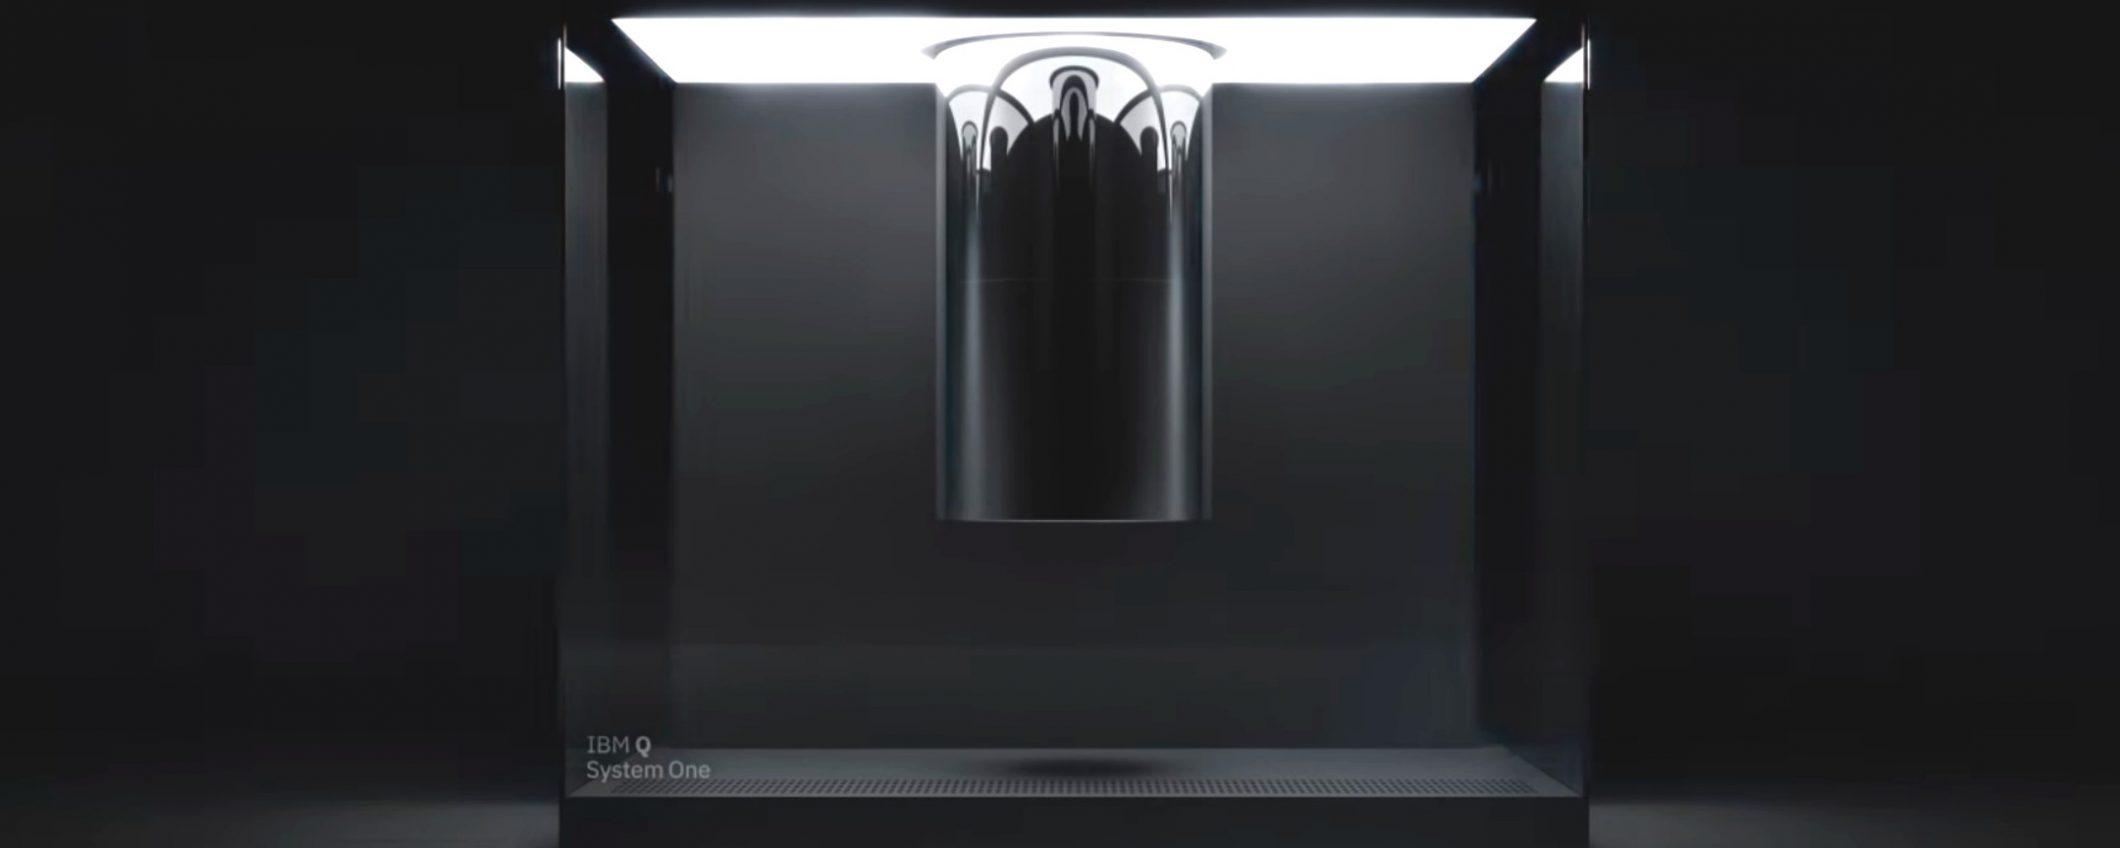 IBM Q computer quantistico